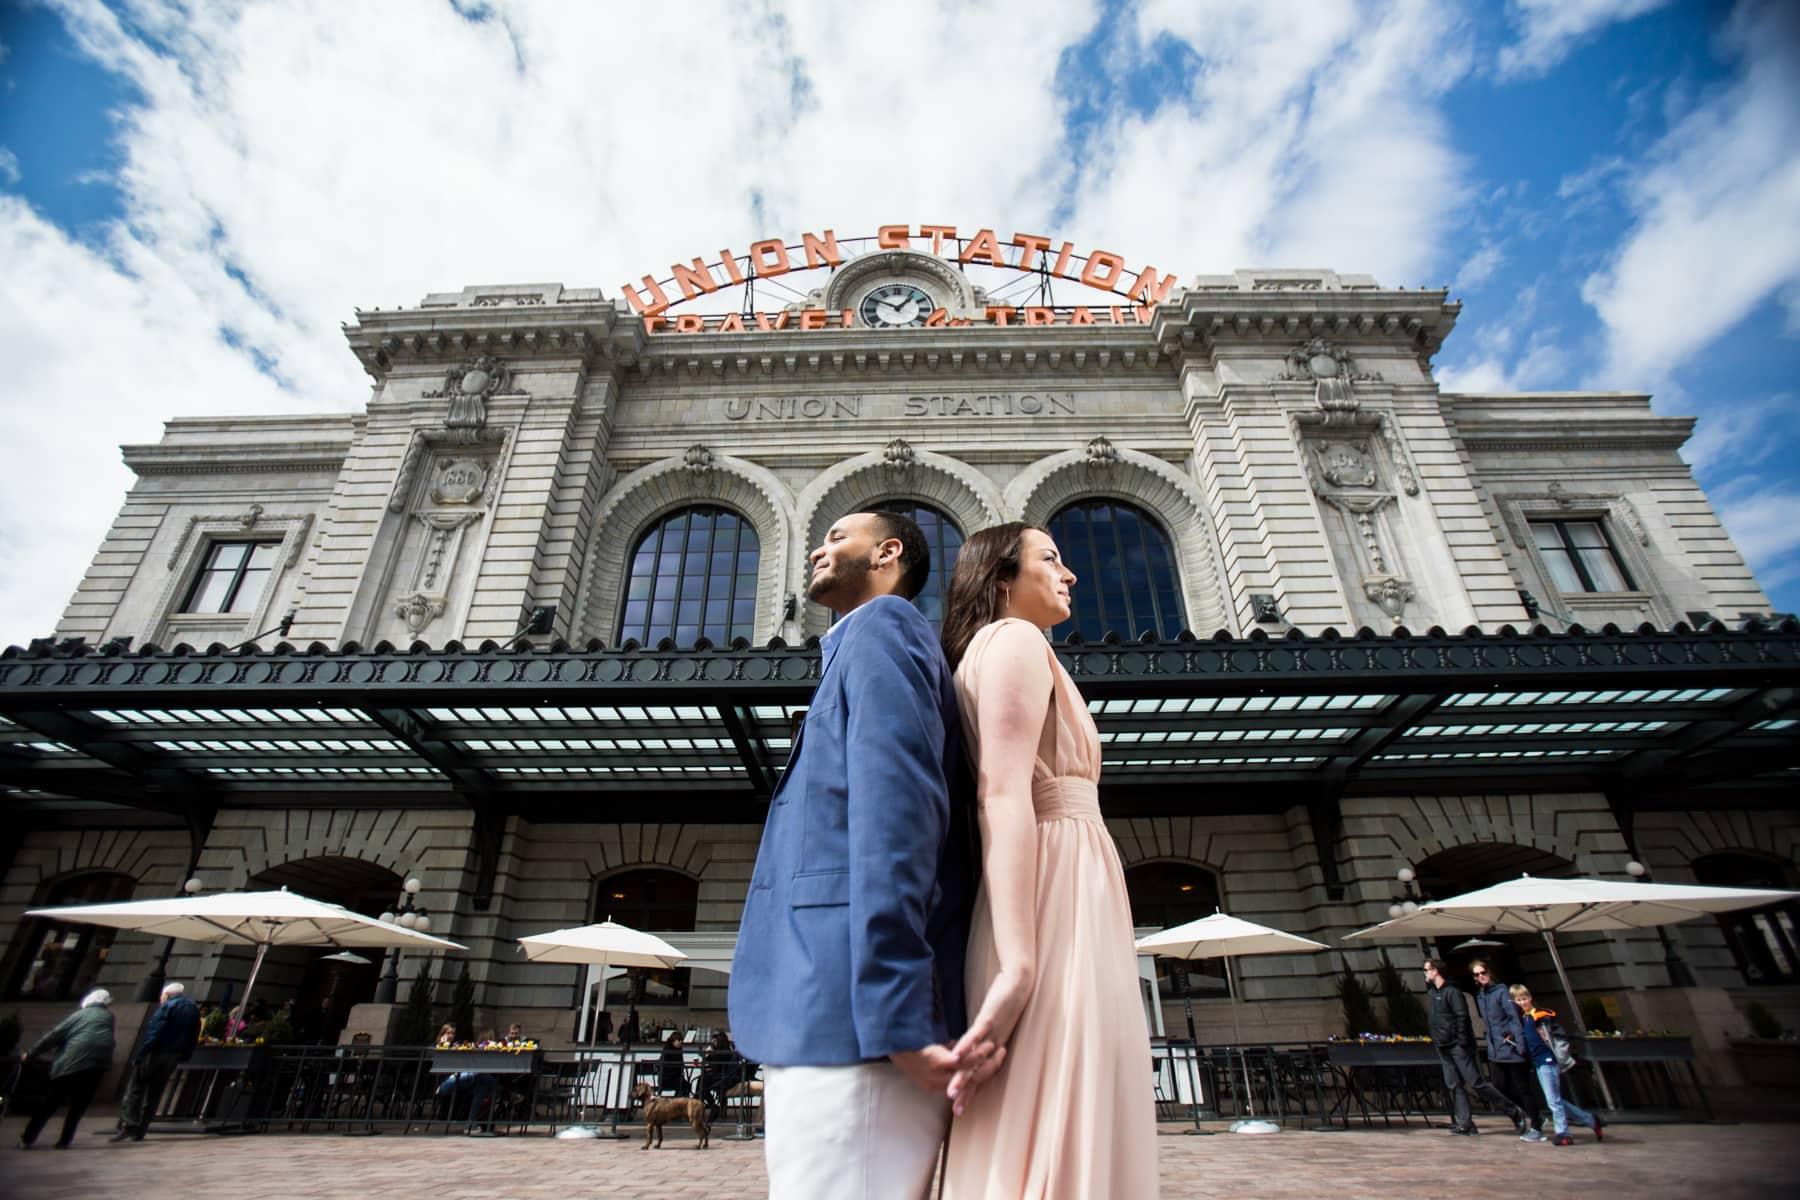 Union Station Engagement Photos – Denver Engagement Photographer